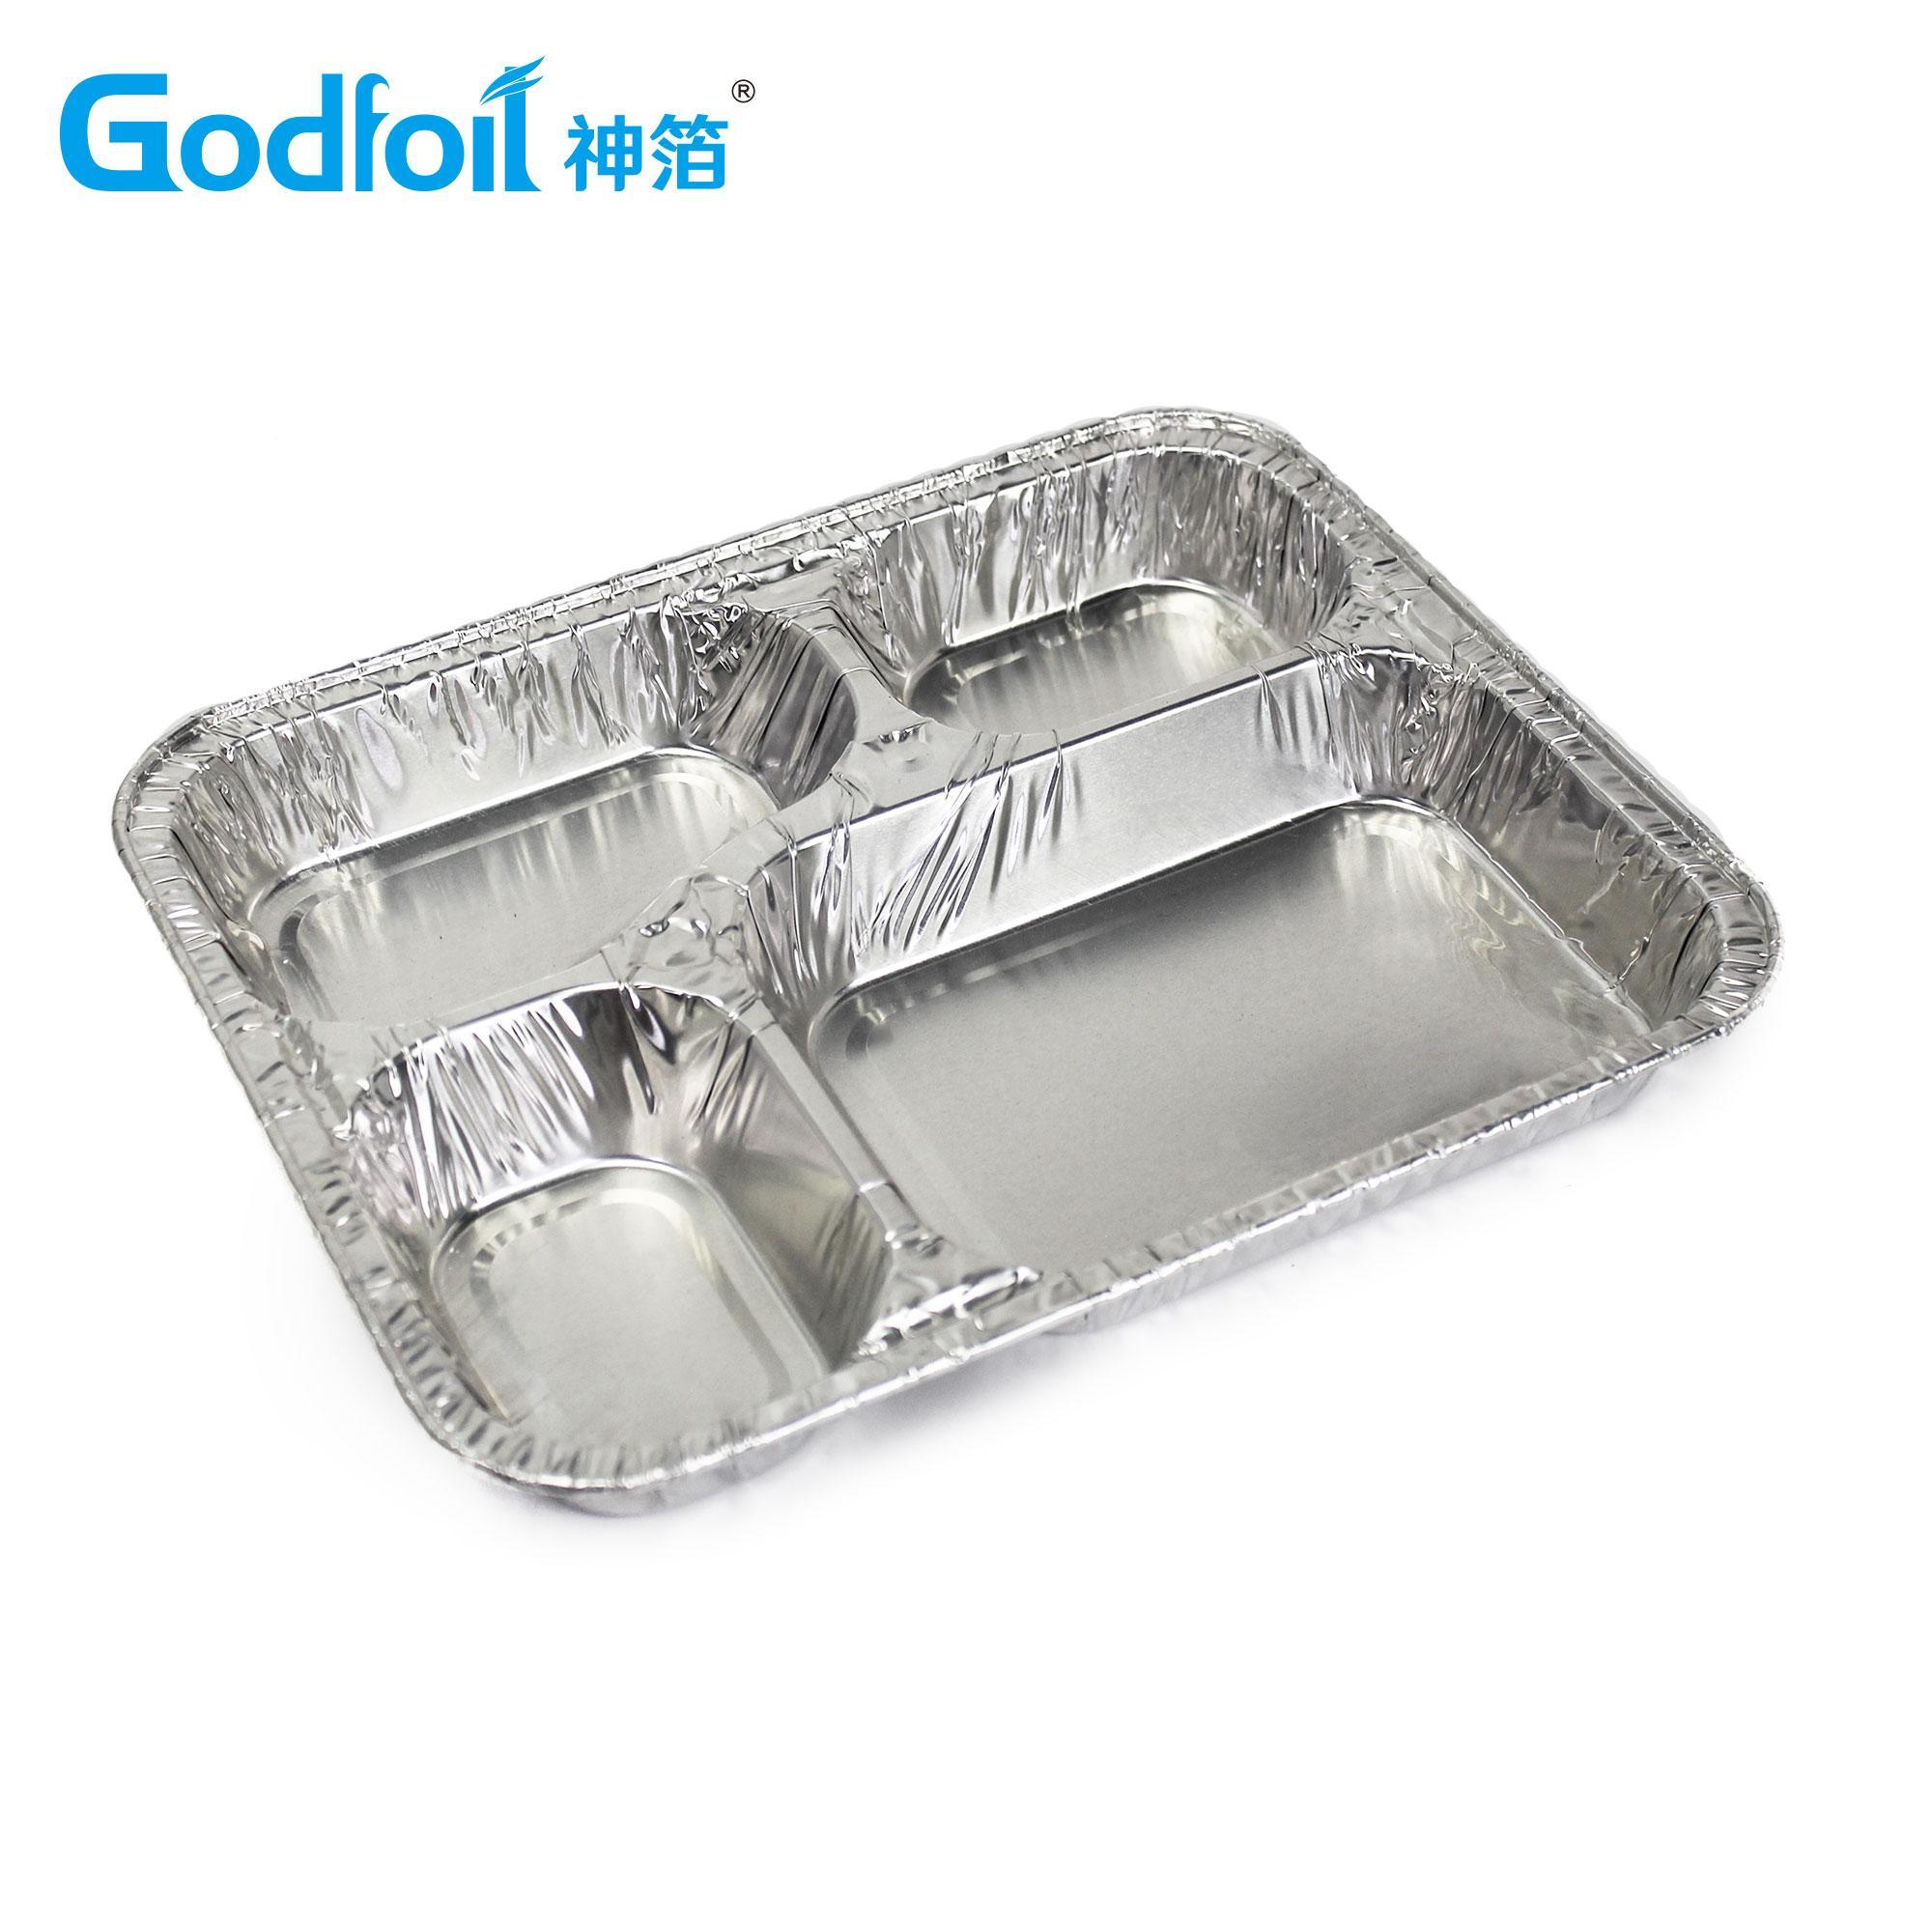 三腔餐盒模具 4